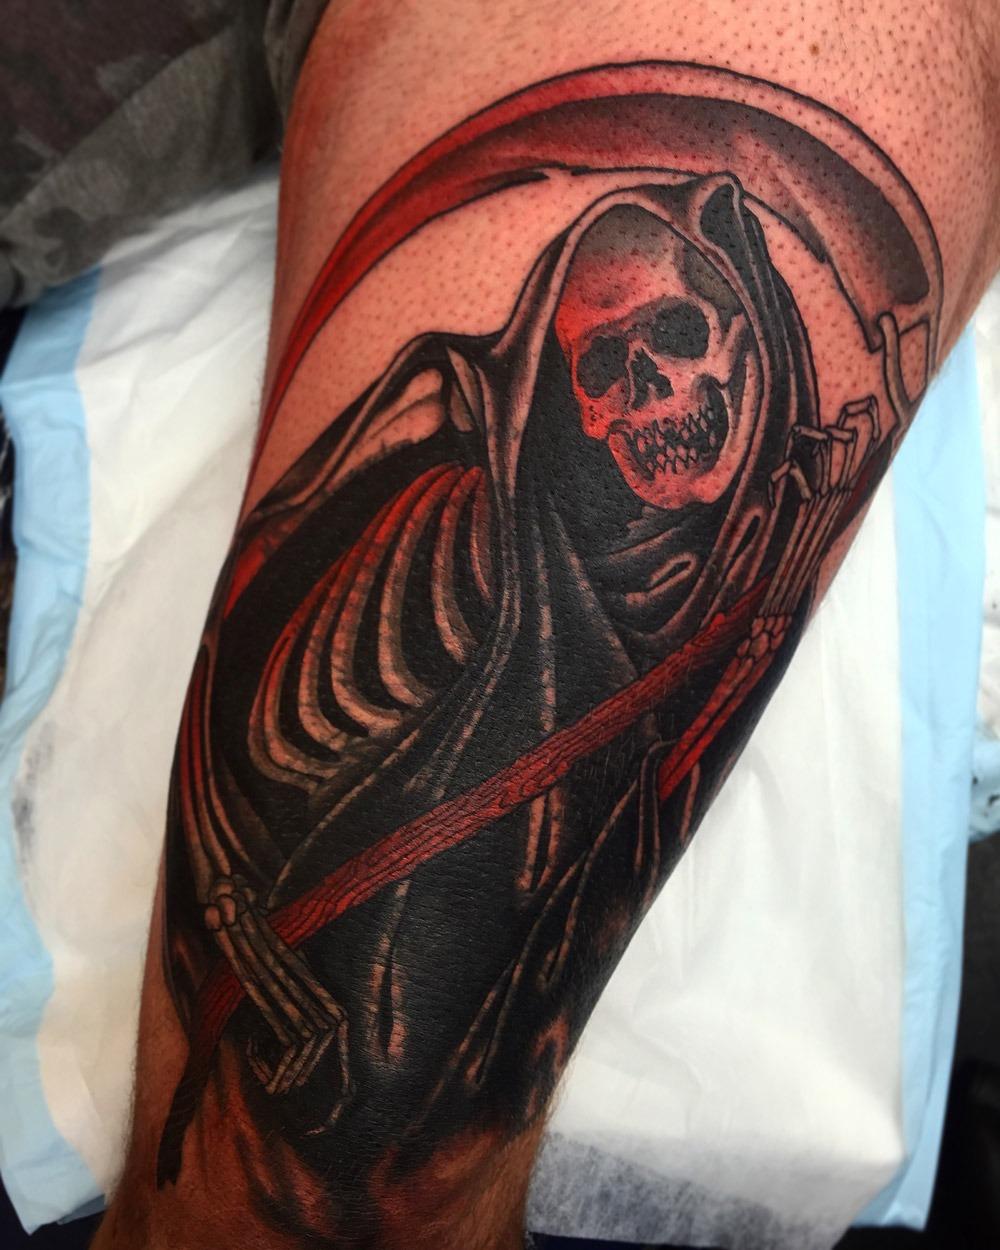 Ryan Ussher - Reaper